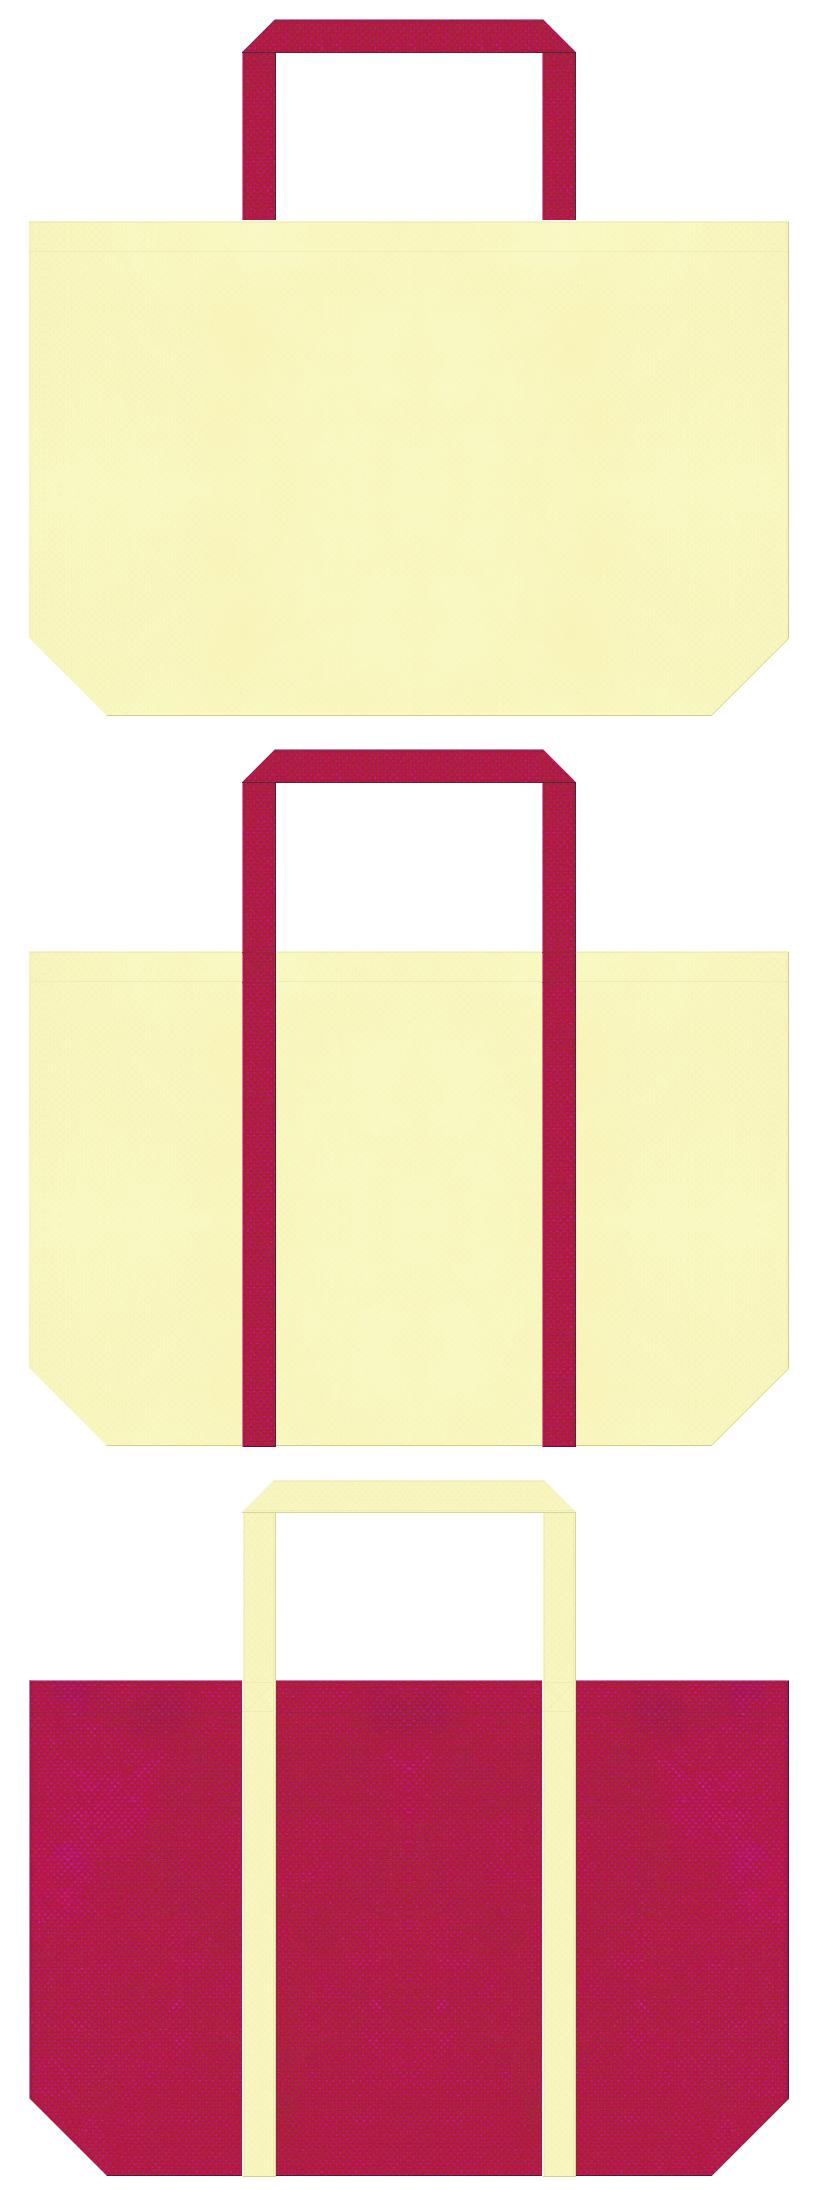 薄黄色と濃いピンク色の不織布マイバッグデザイン